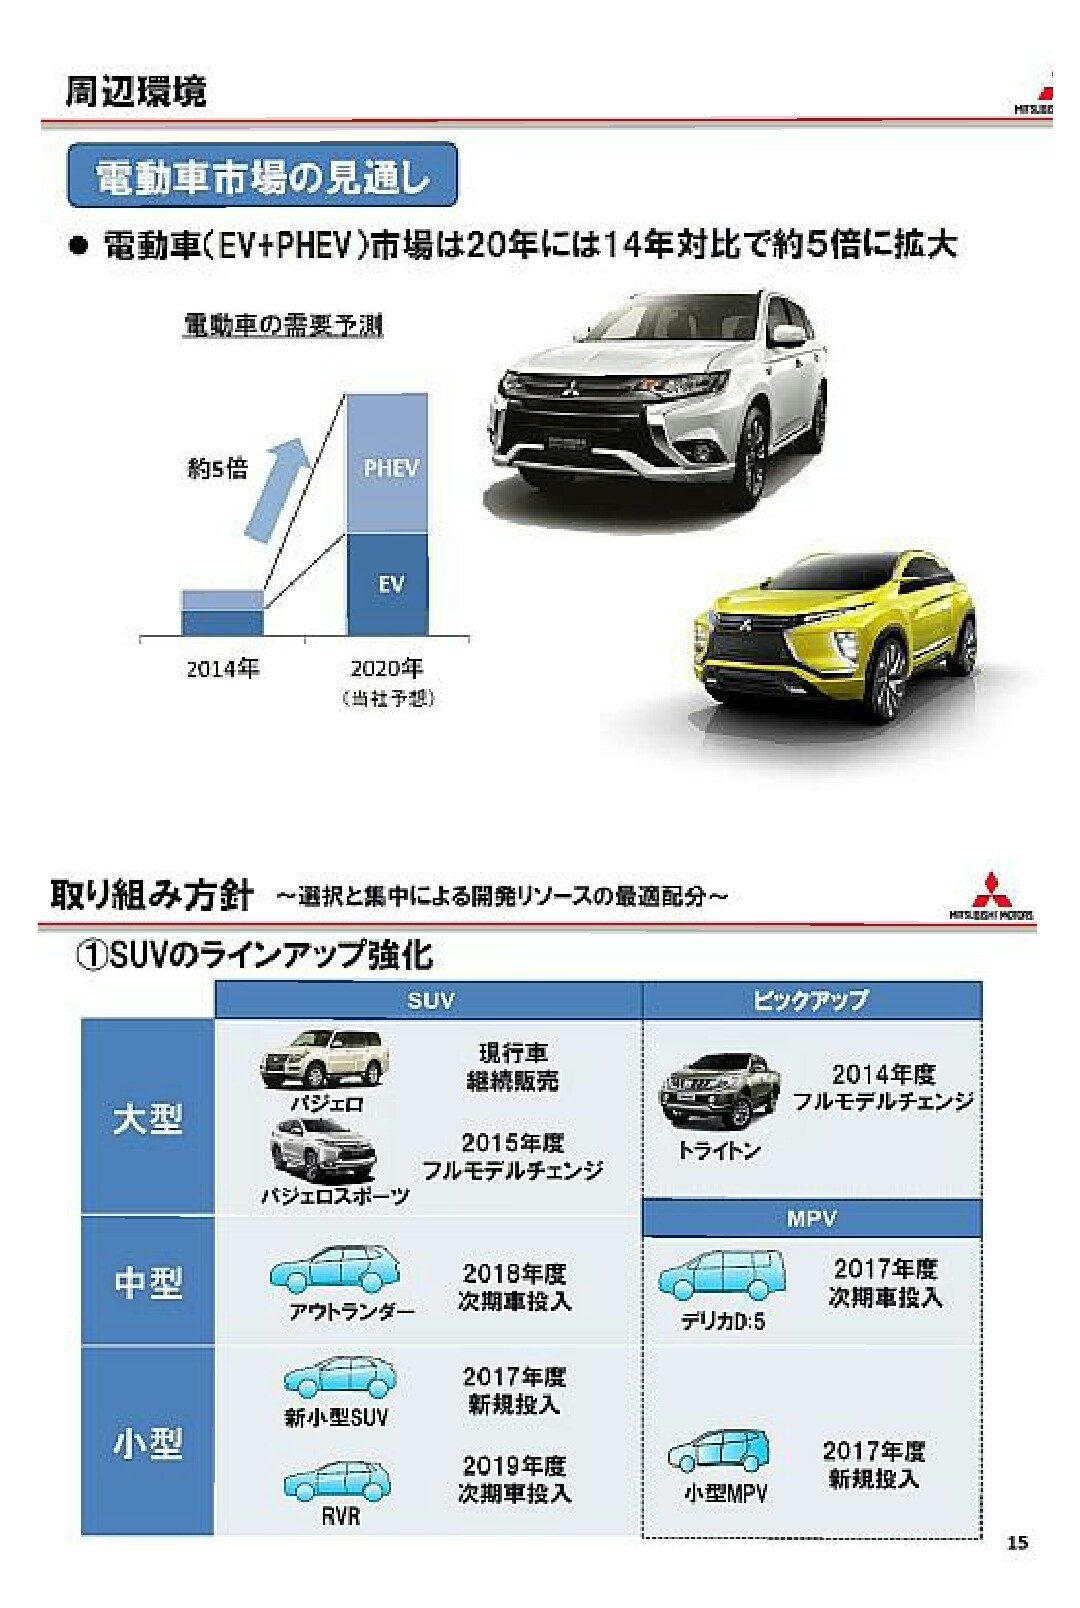 三菱自動車 中期計画